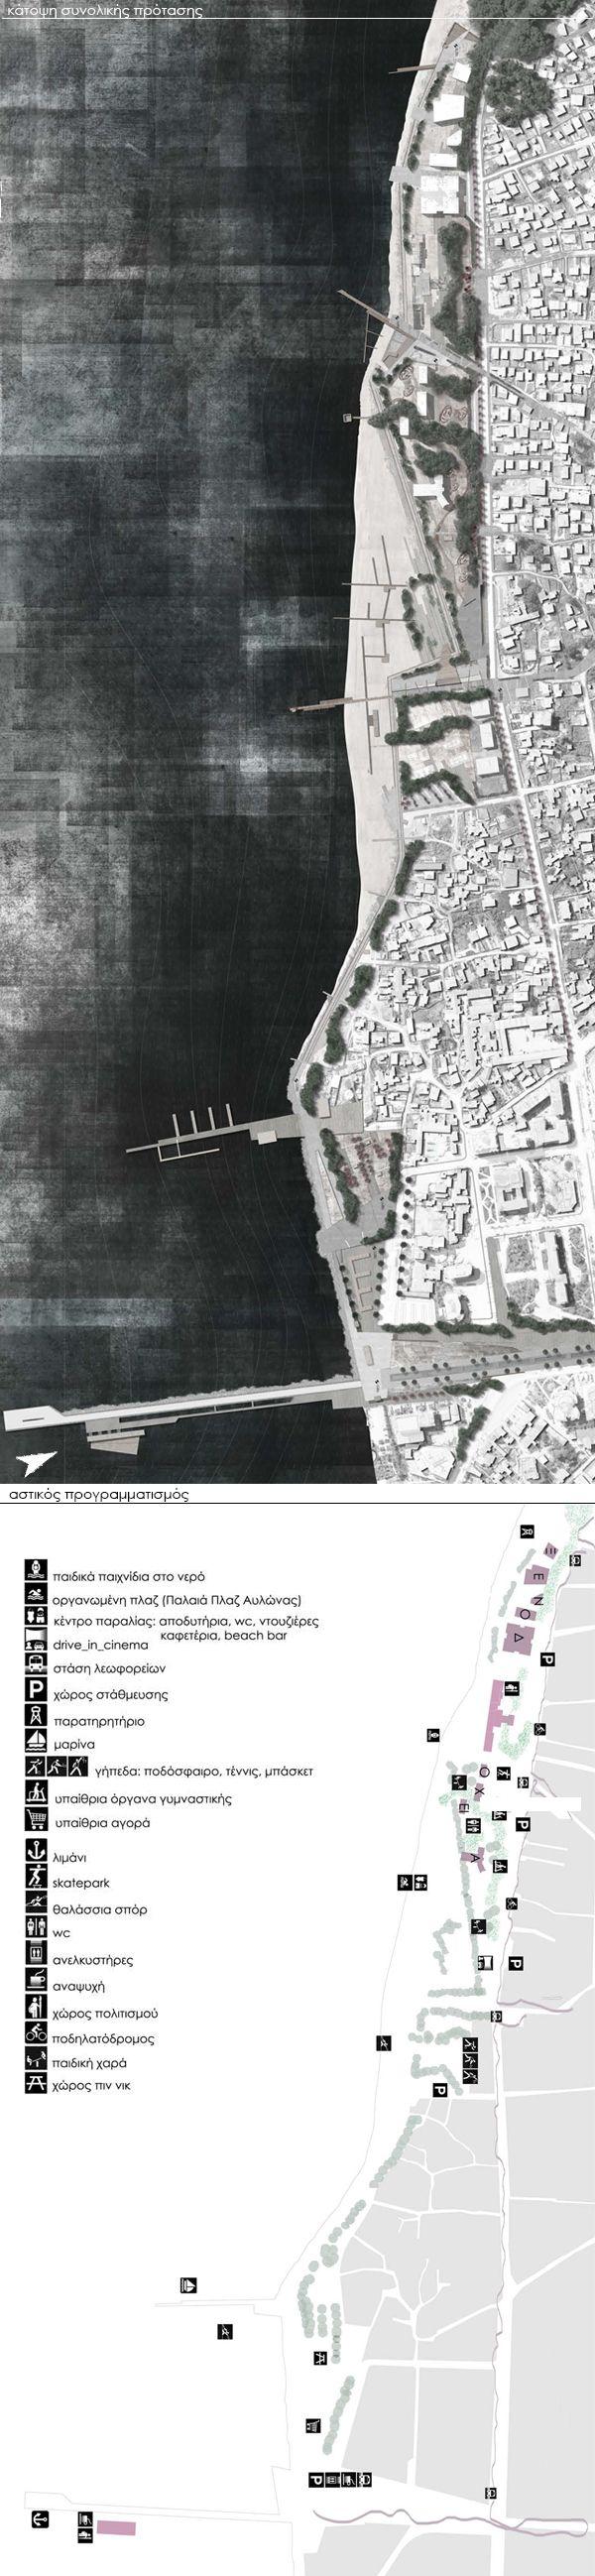 http://www.greekarchitects.gr/gr/συμμετοχες-2014/16714-προσ|στη-θαλασσα-id9946